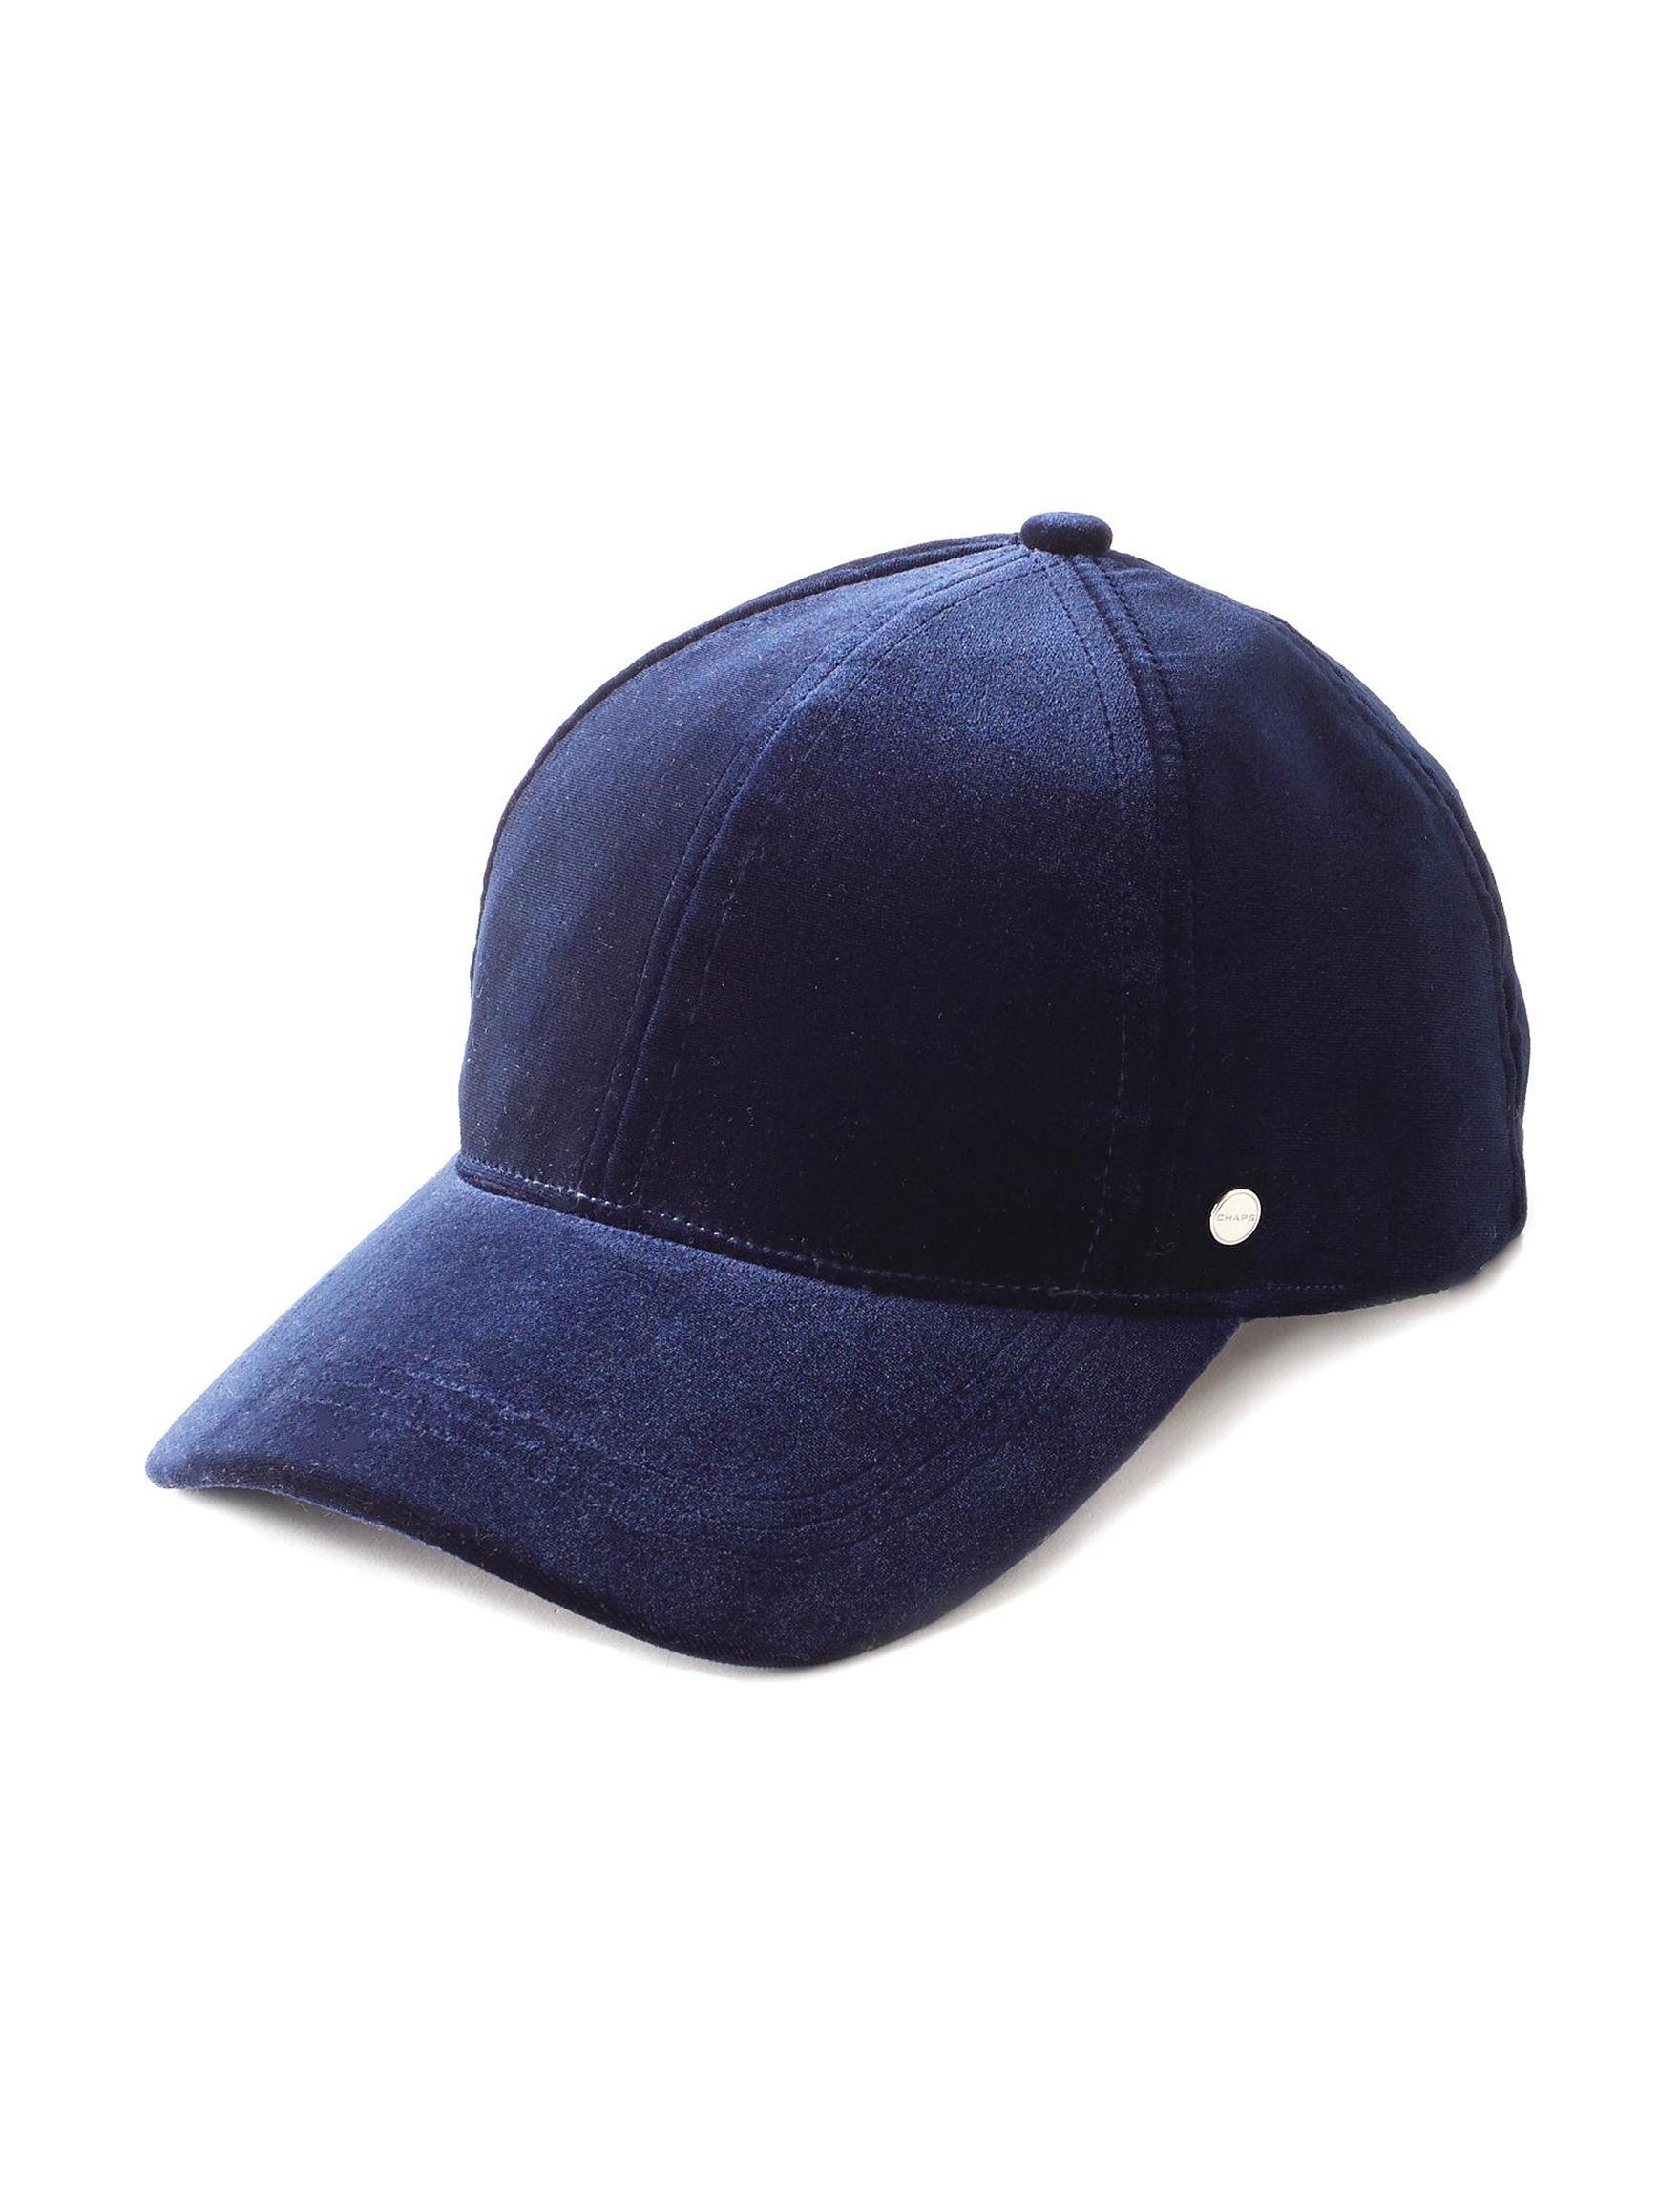 Chaps Navy Hats & Headwear